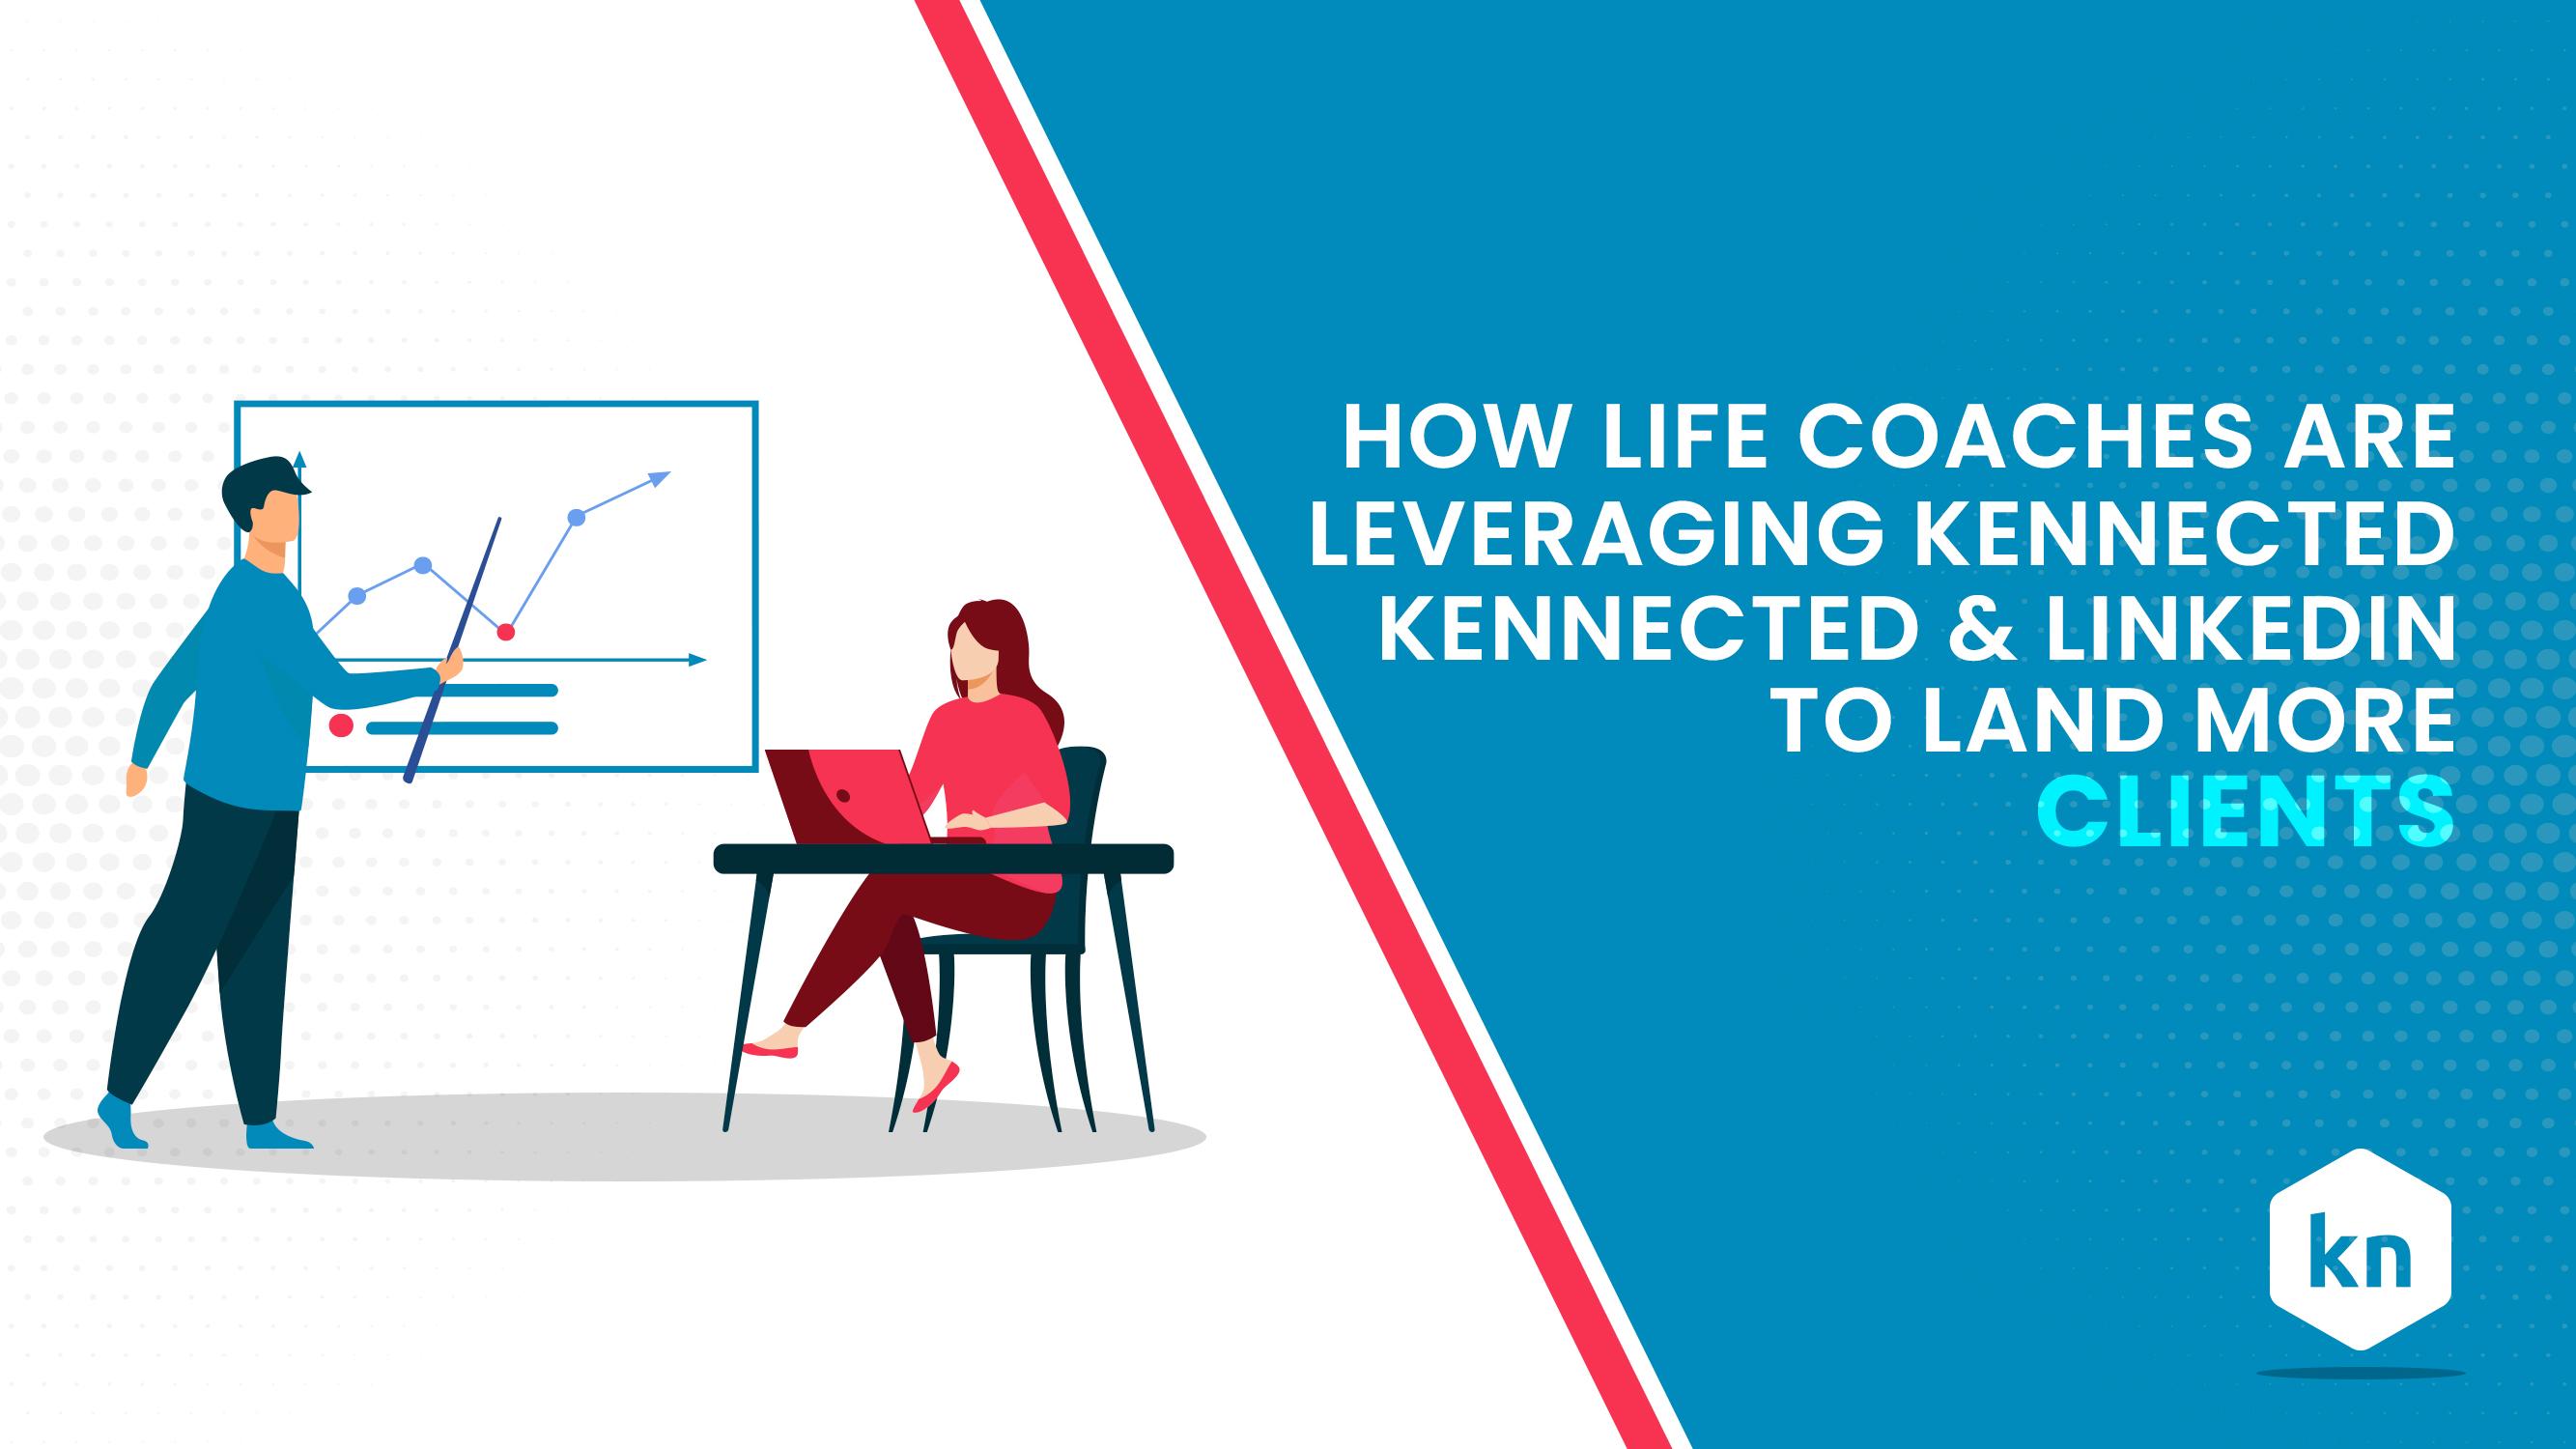 Πώς οι προπονητές ζωής αξιοποιούν το Kennected & το LinkedIn για να αποκτήσουν περισσότερους πελάτες